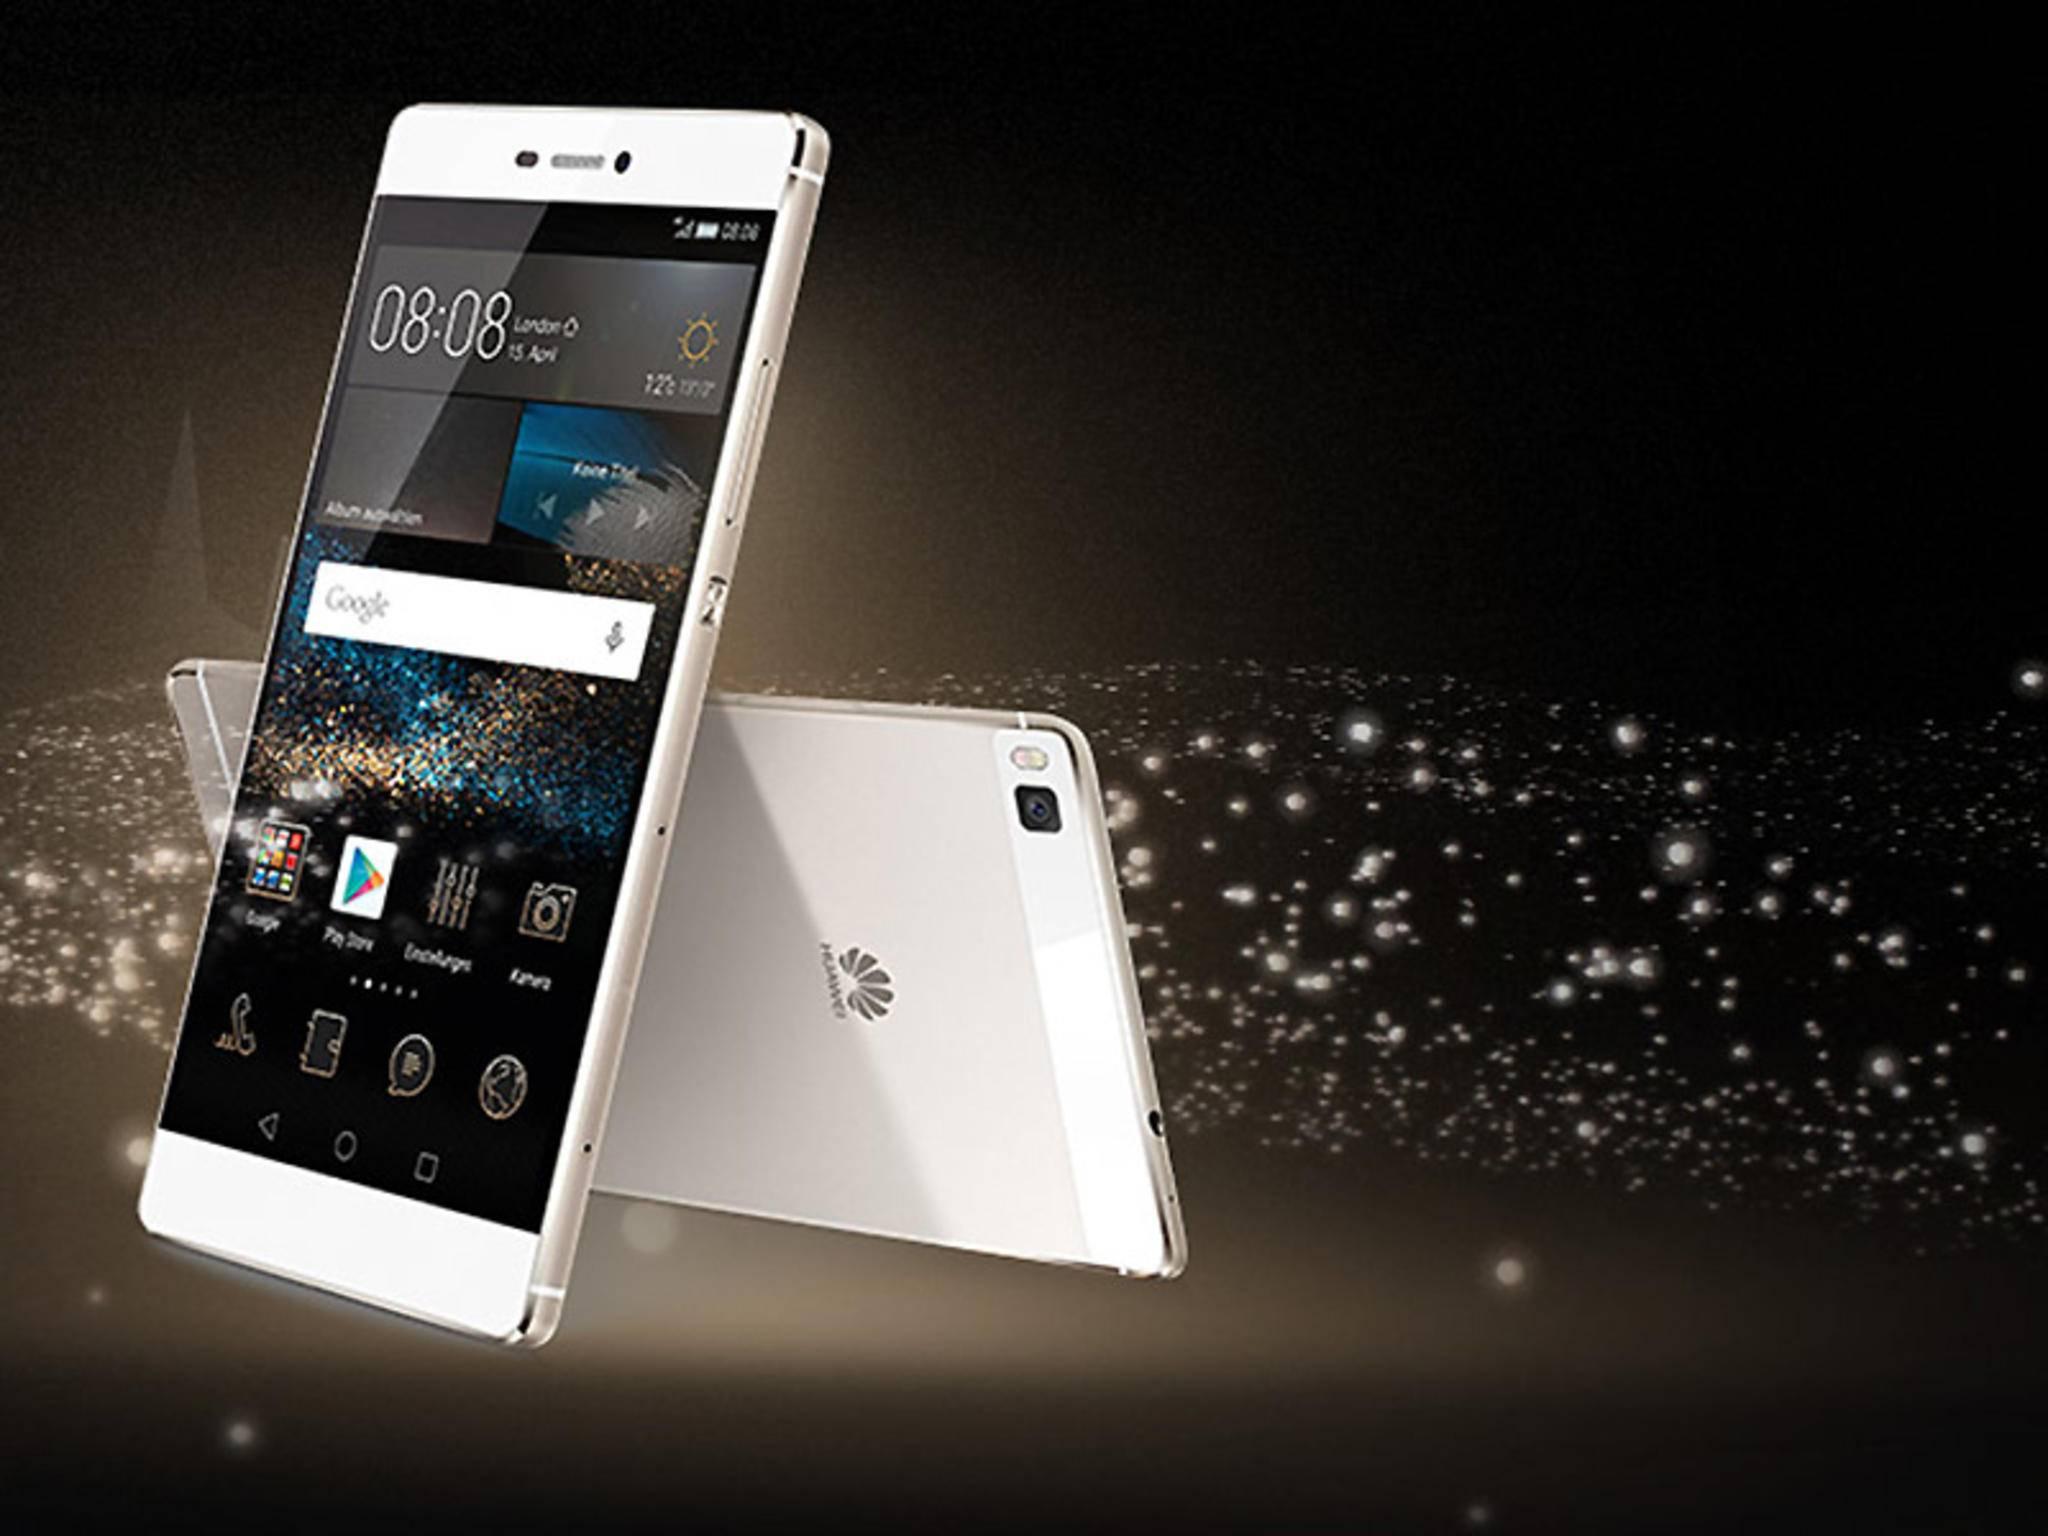 Das Huawei P8: Wird der Nachfolger P9 mit 6 GB RAM auf den Markt kommen?